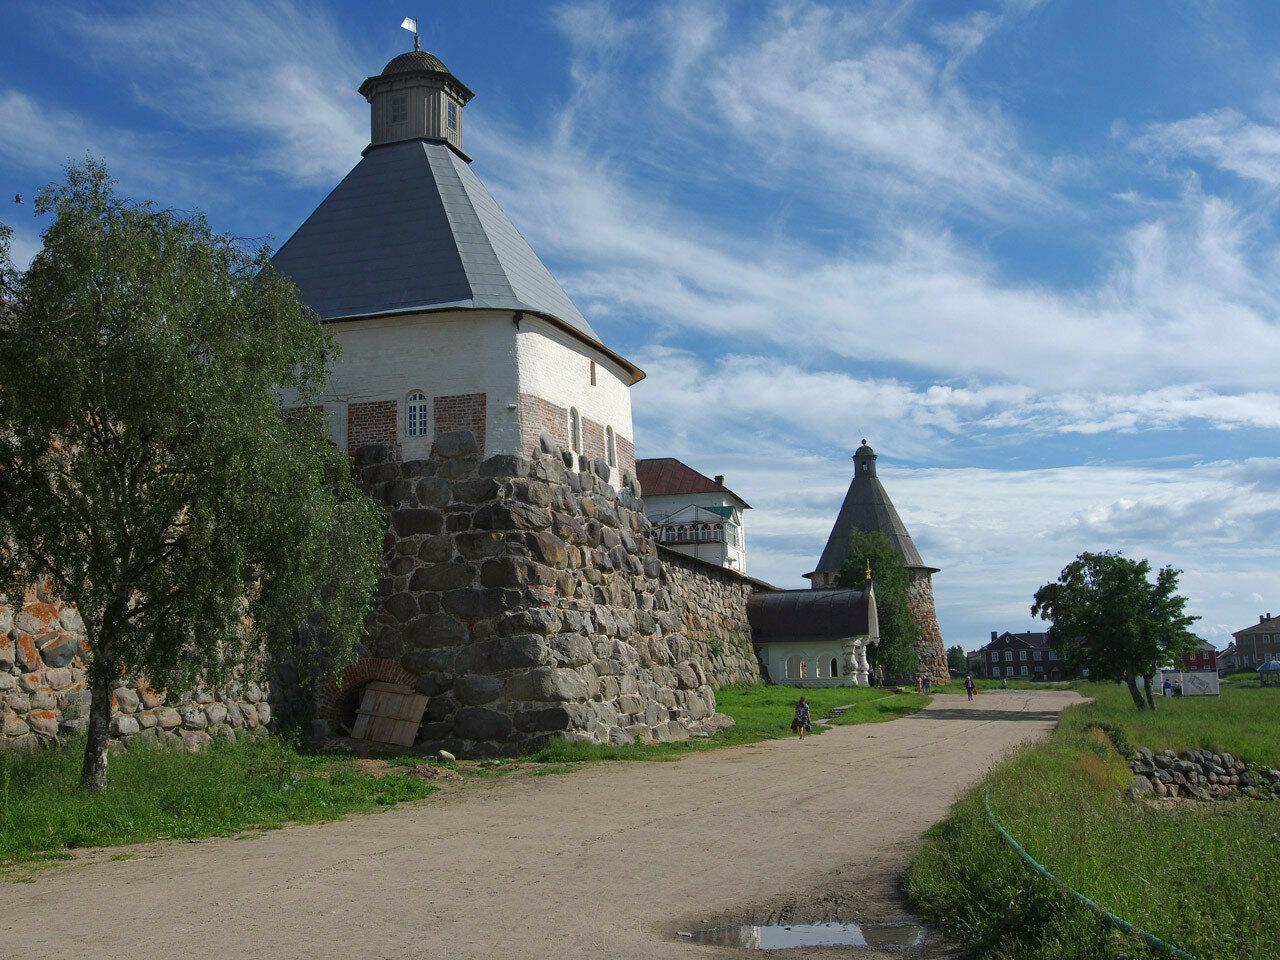 Соловецкая крепость. Автор фото: Юрий Семенов